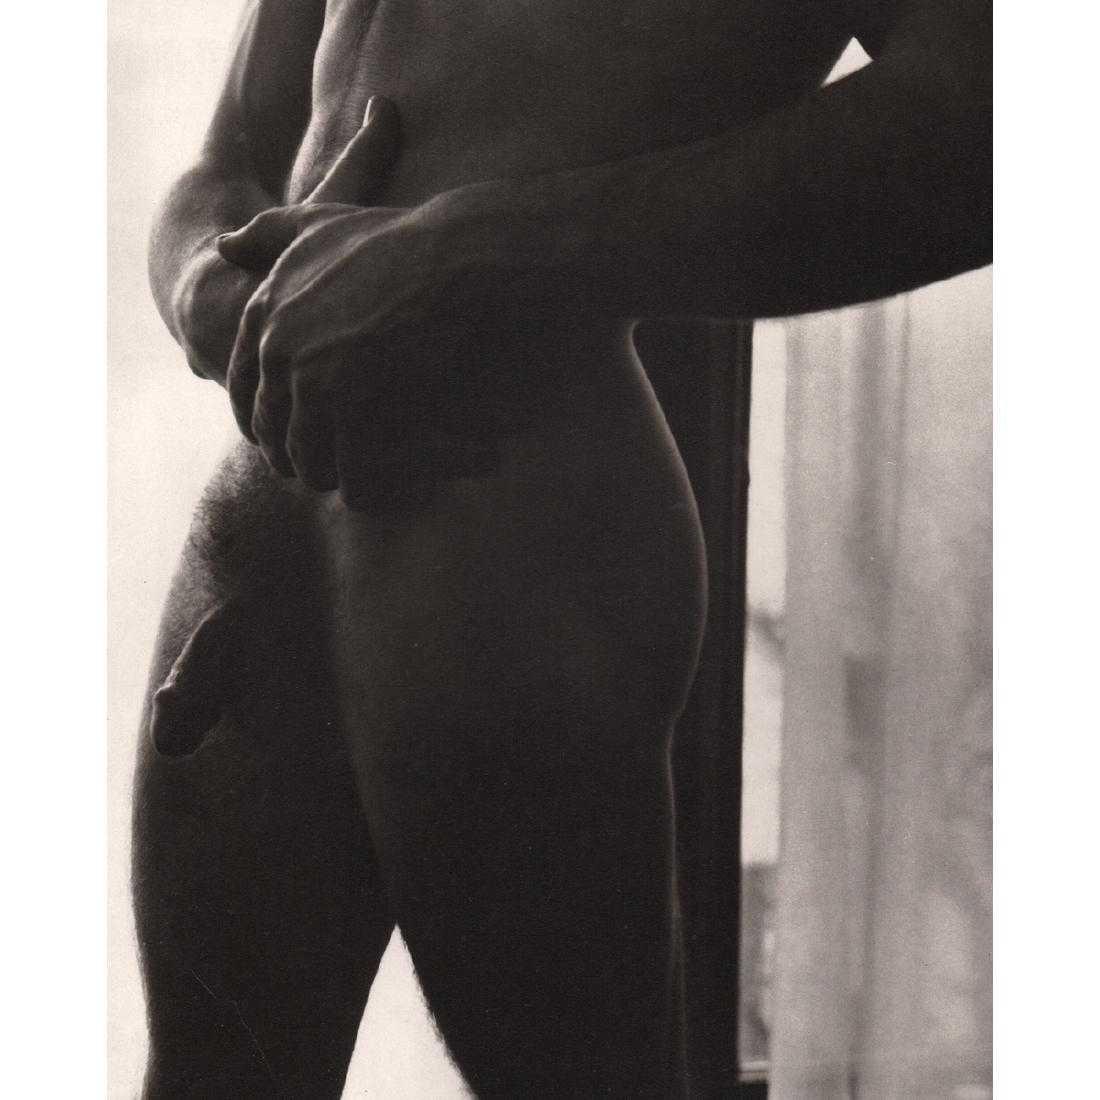 MINOR WHITE - Male Nude, 1948 - 2